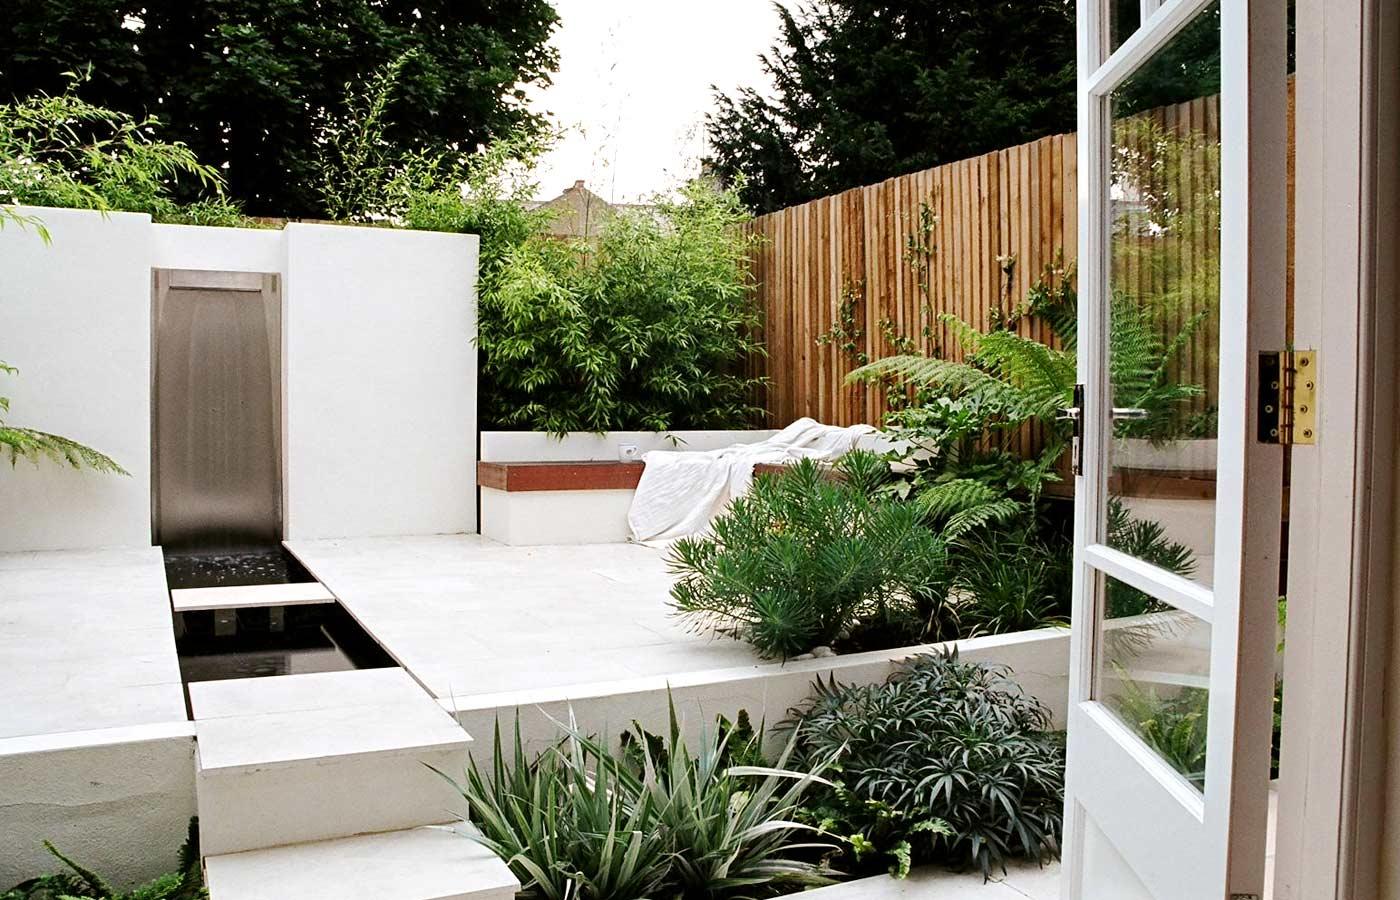 Small Urban Garden Design | Garden Design St Albans ... on Small Urban Patio Ideas id=37757